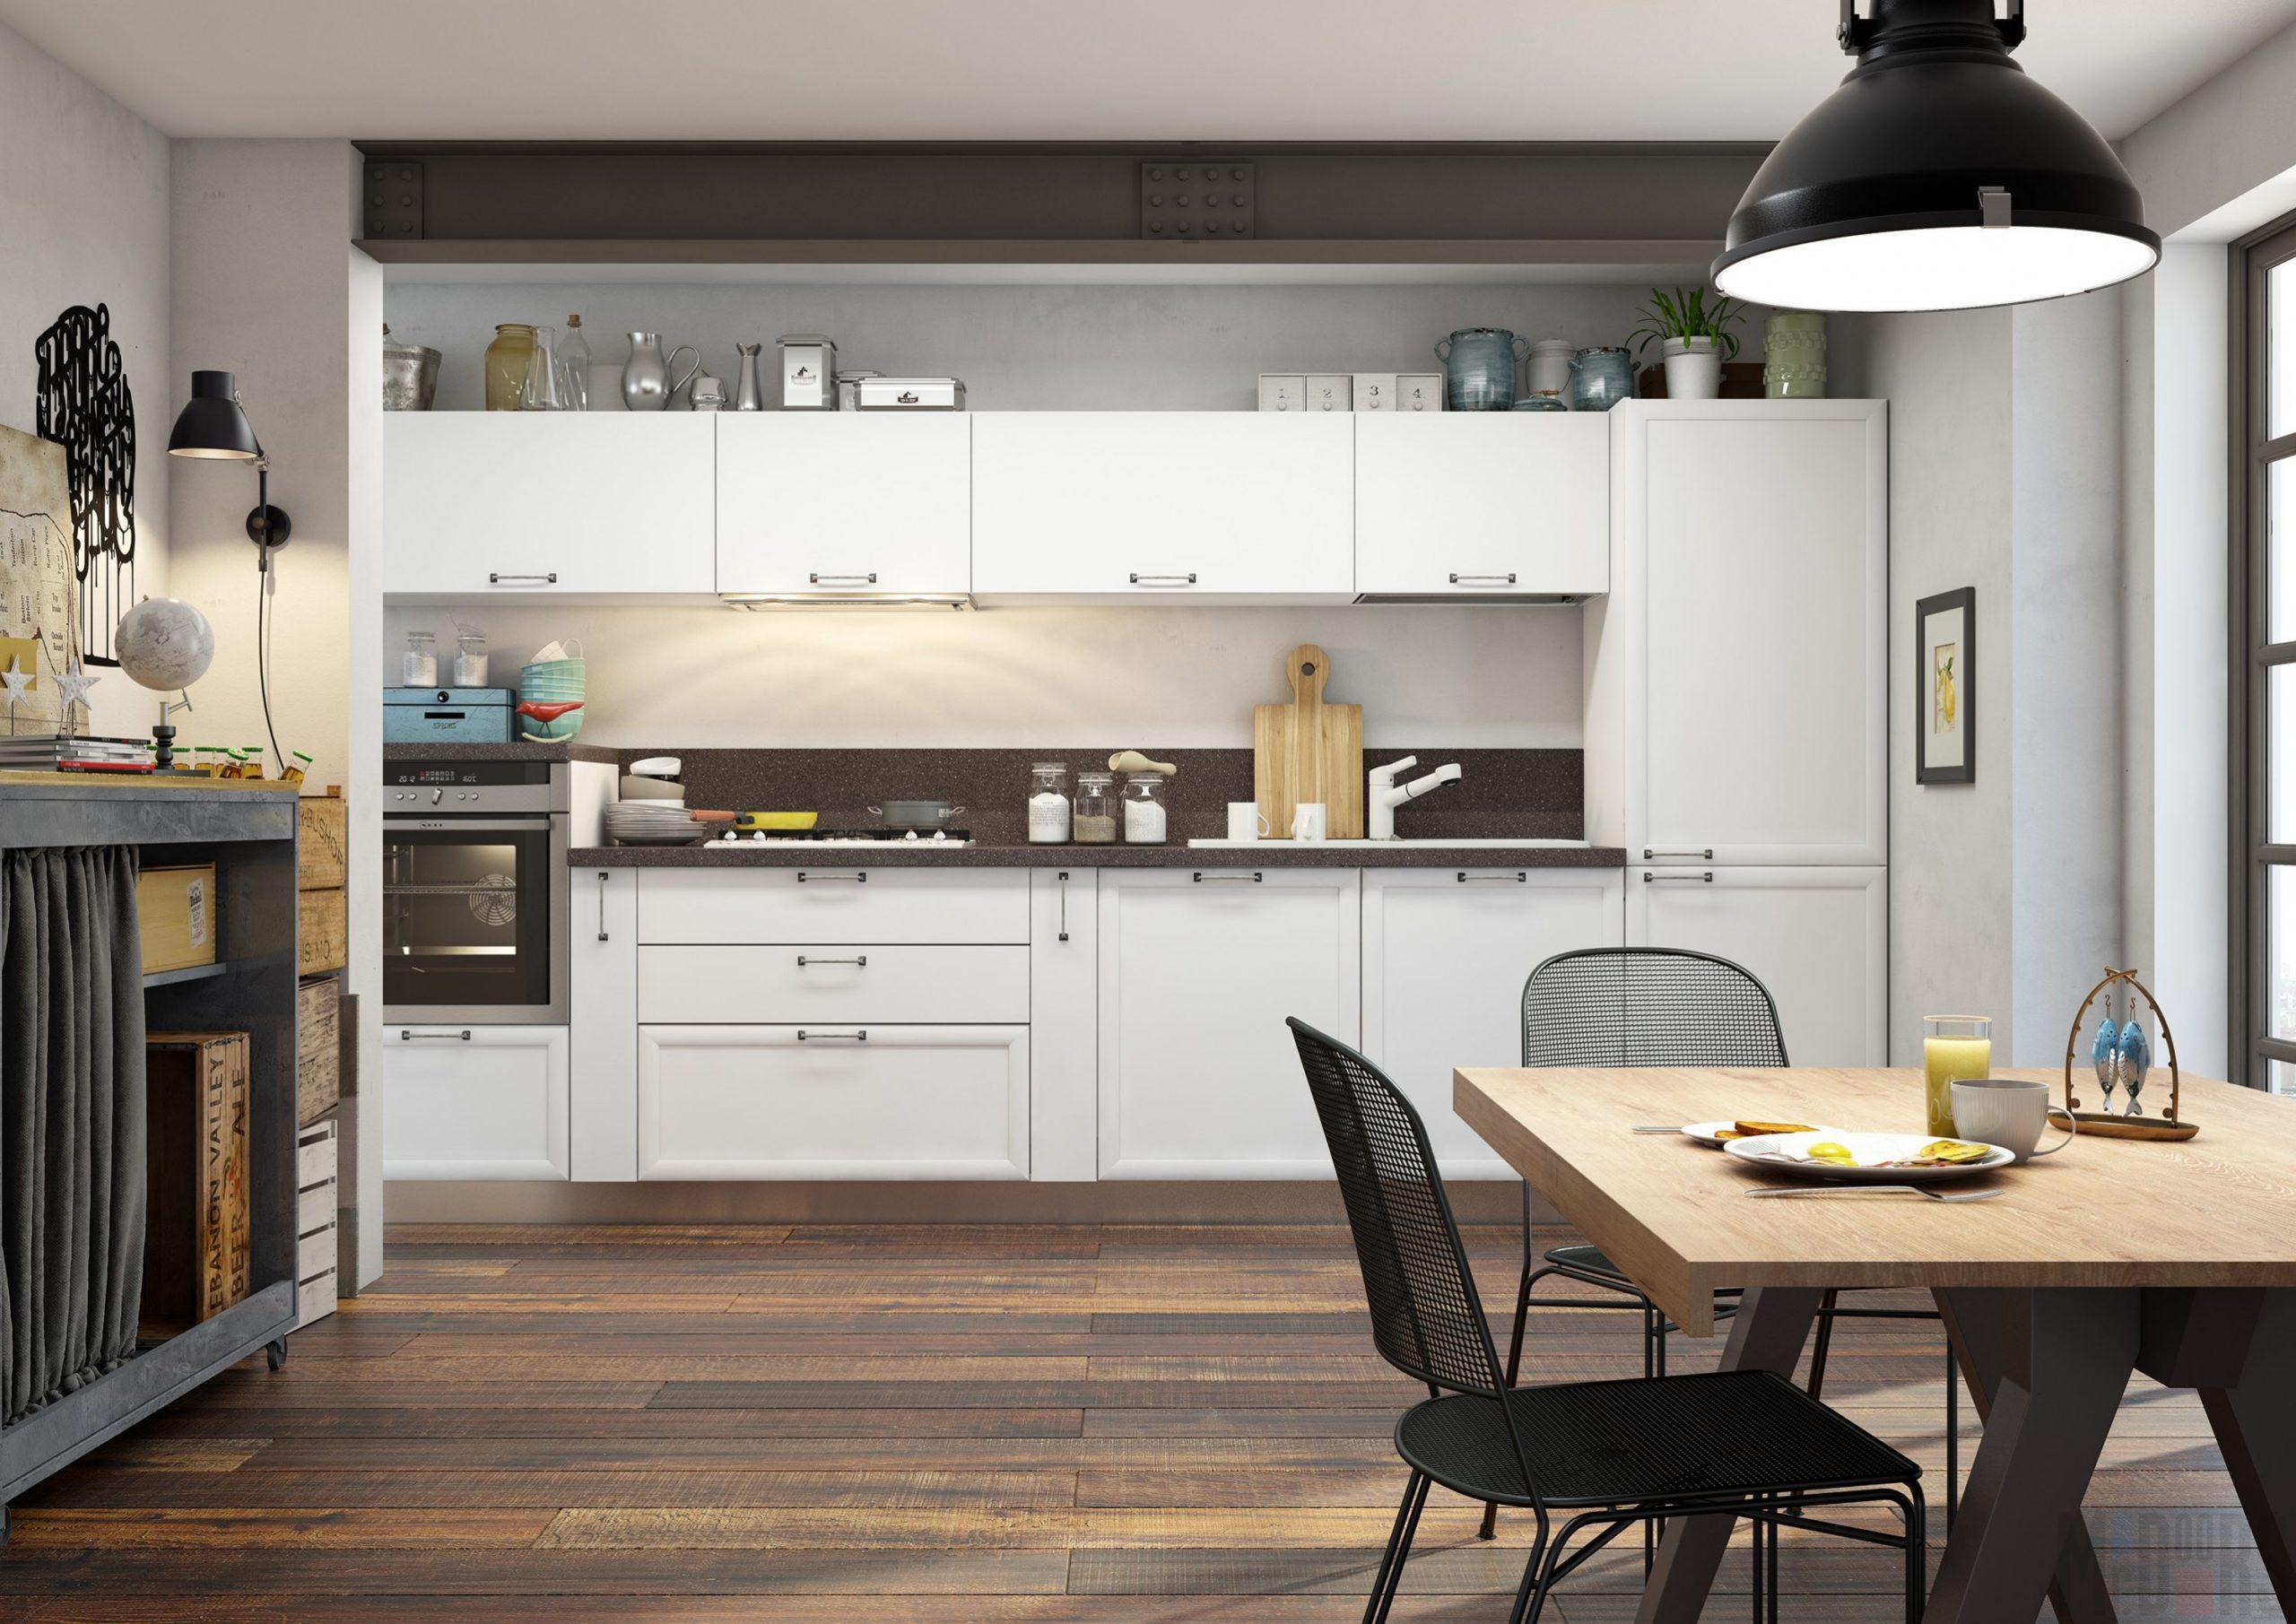 Кухня Interium Модерн.10 - общий внешний вид